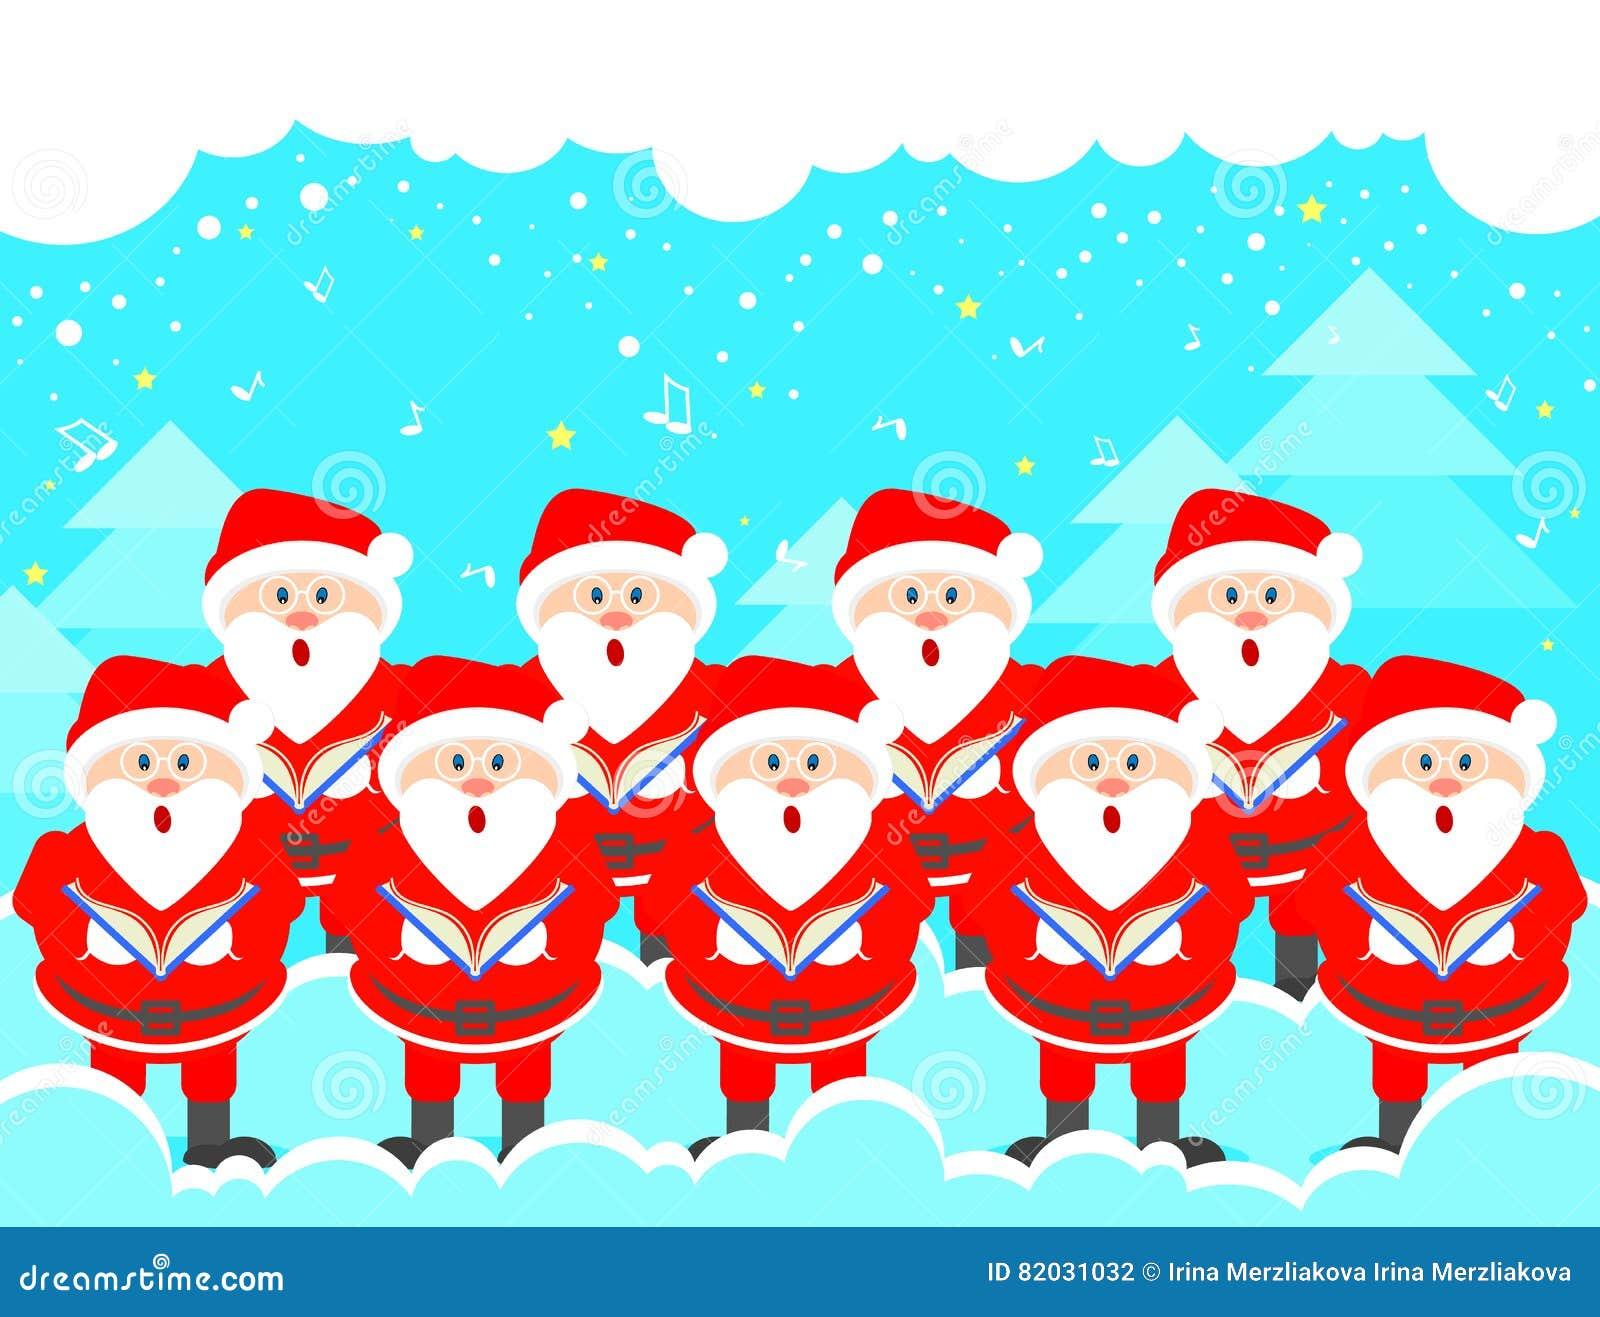 Coro Di Natale.Coro Di Natale Della Cartolina Del Greetin Di Musica Di Santa Claus Christmas Illustrazione Di Stock Illustrazione Di Grafico Musica 82031032